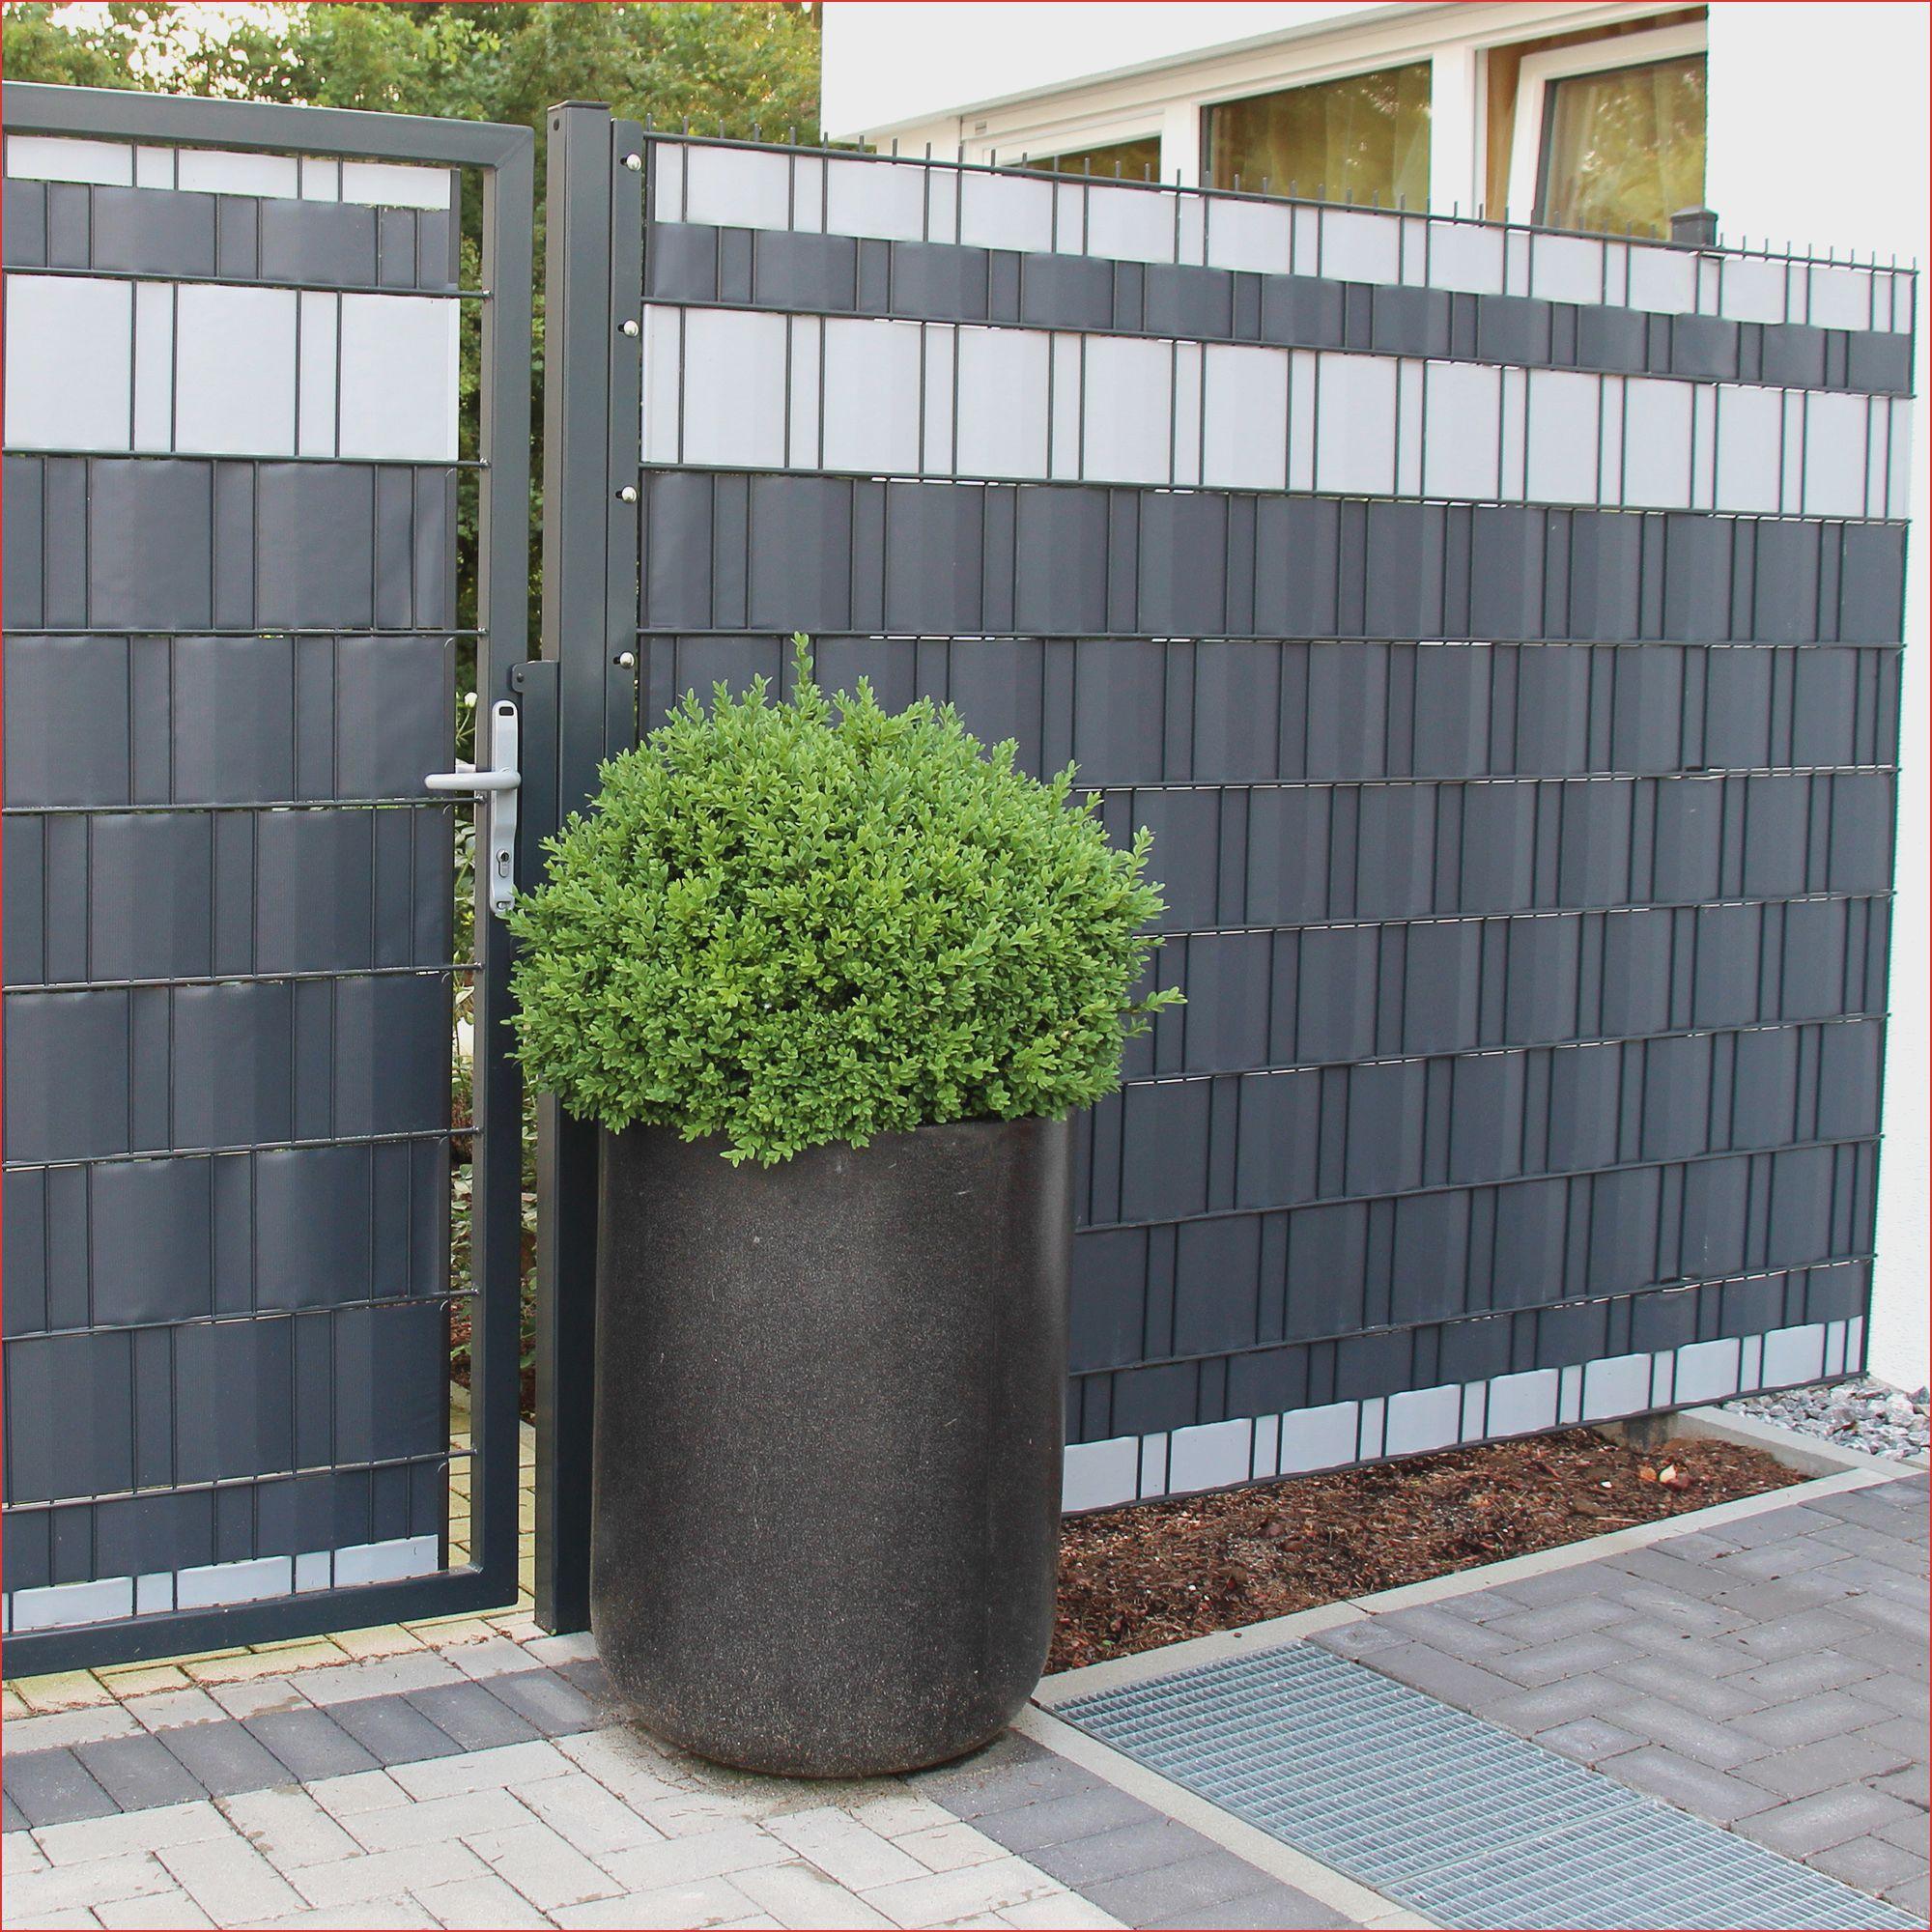 Garten Konzept 30 Oberteil Doppelstabmattenzaun Mit Sichtschutz